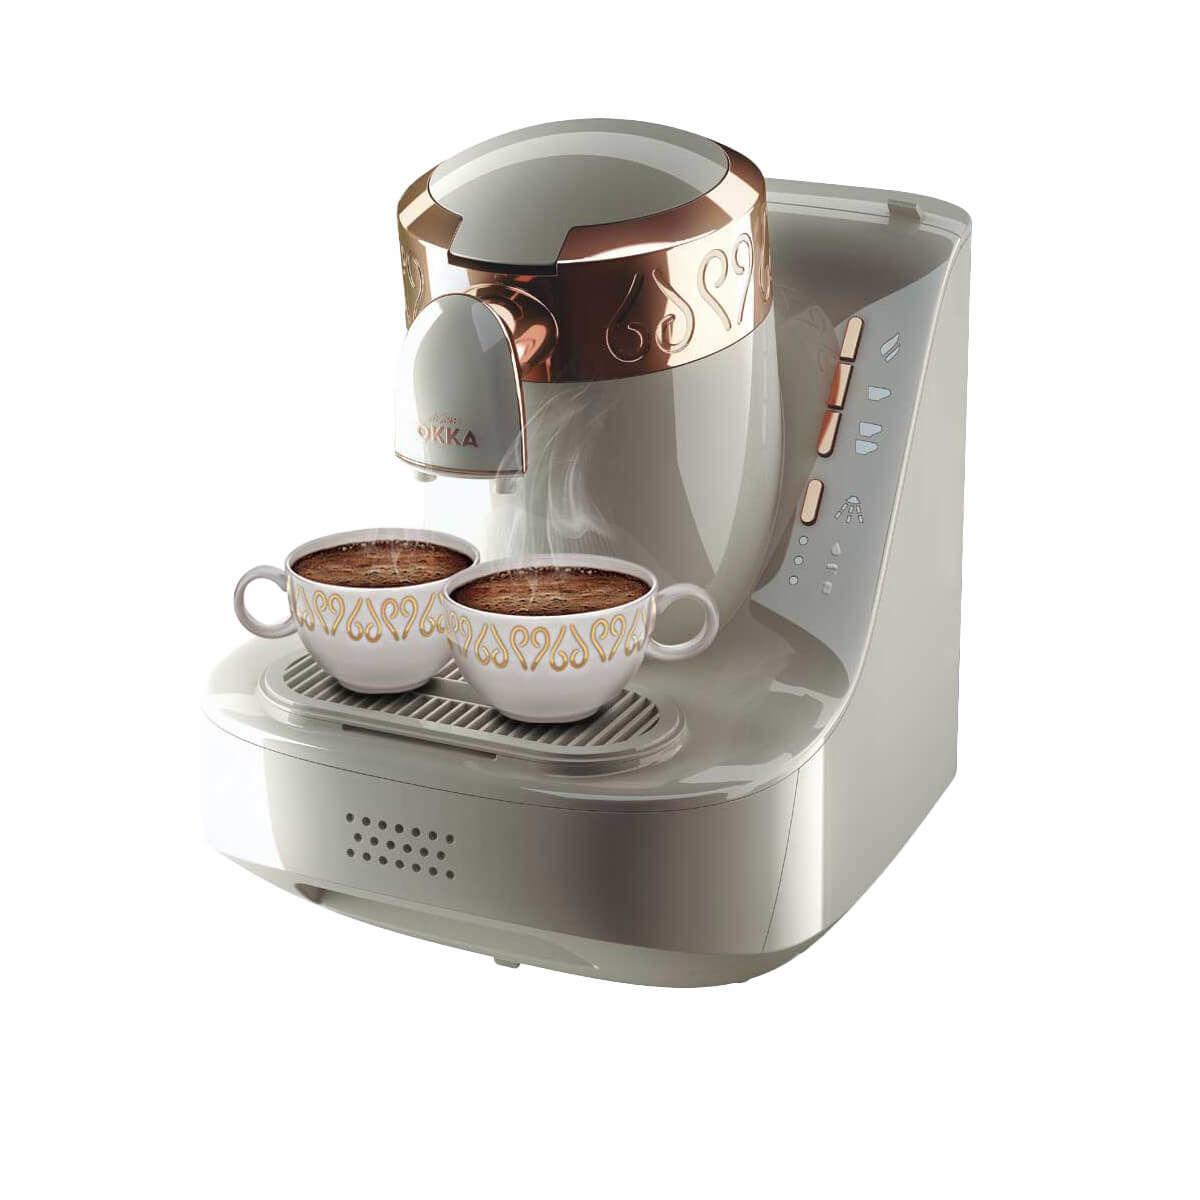 Image of Arzum OK001-W Espressomaschine weiss